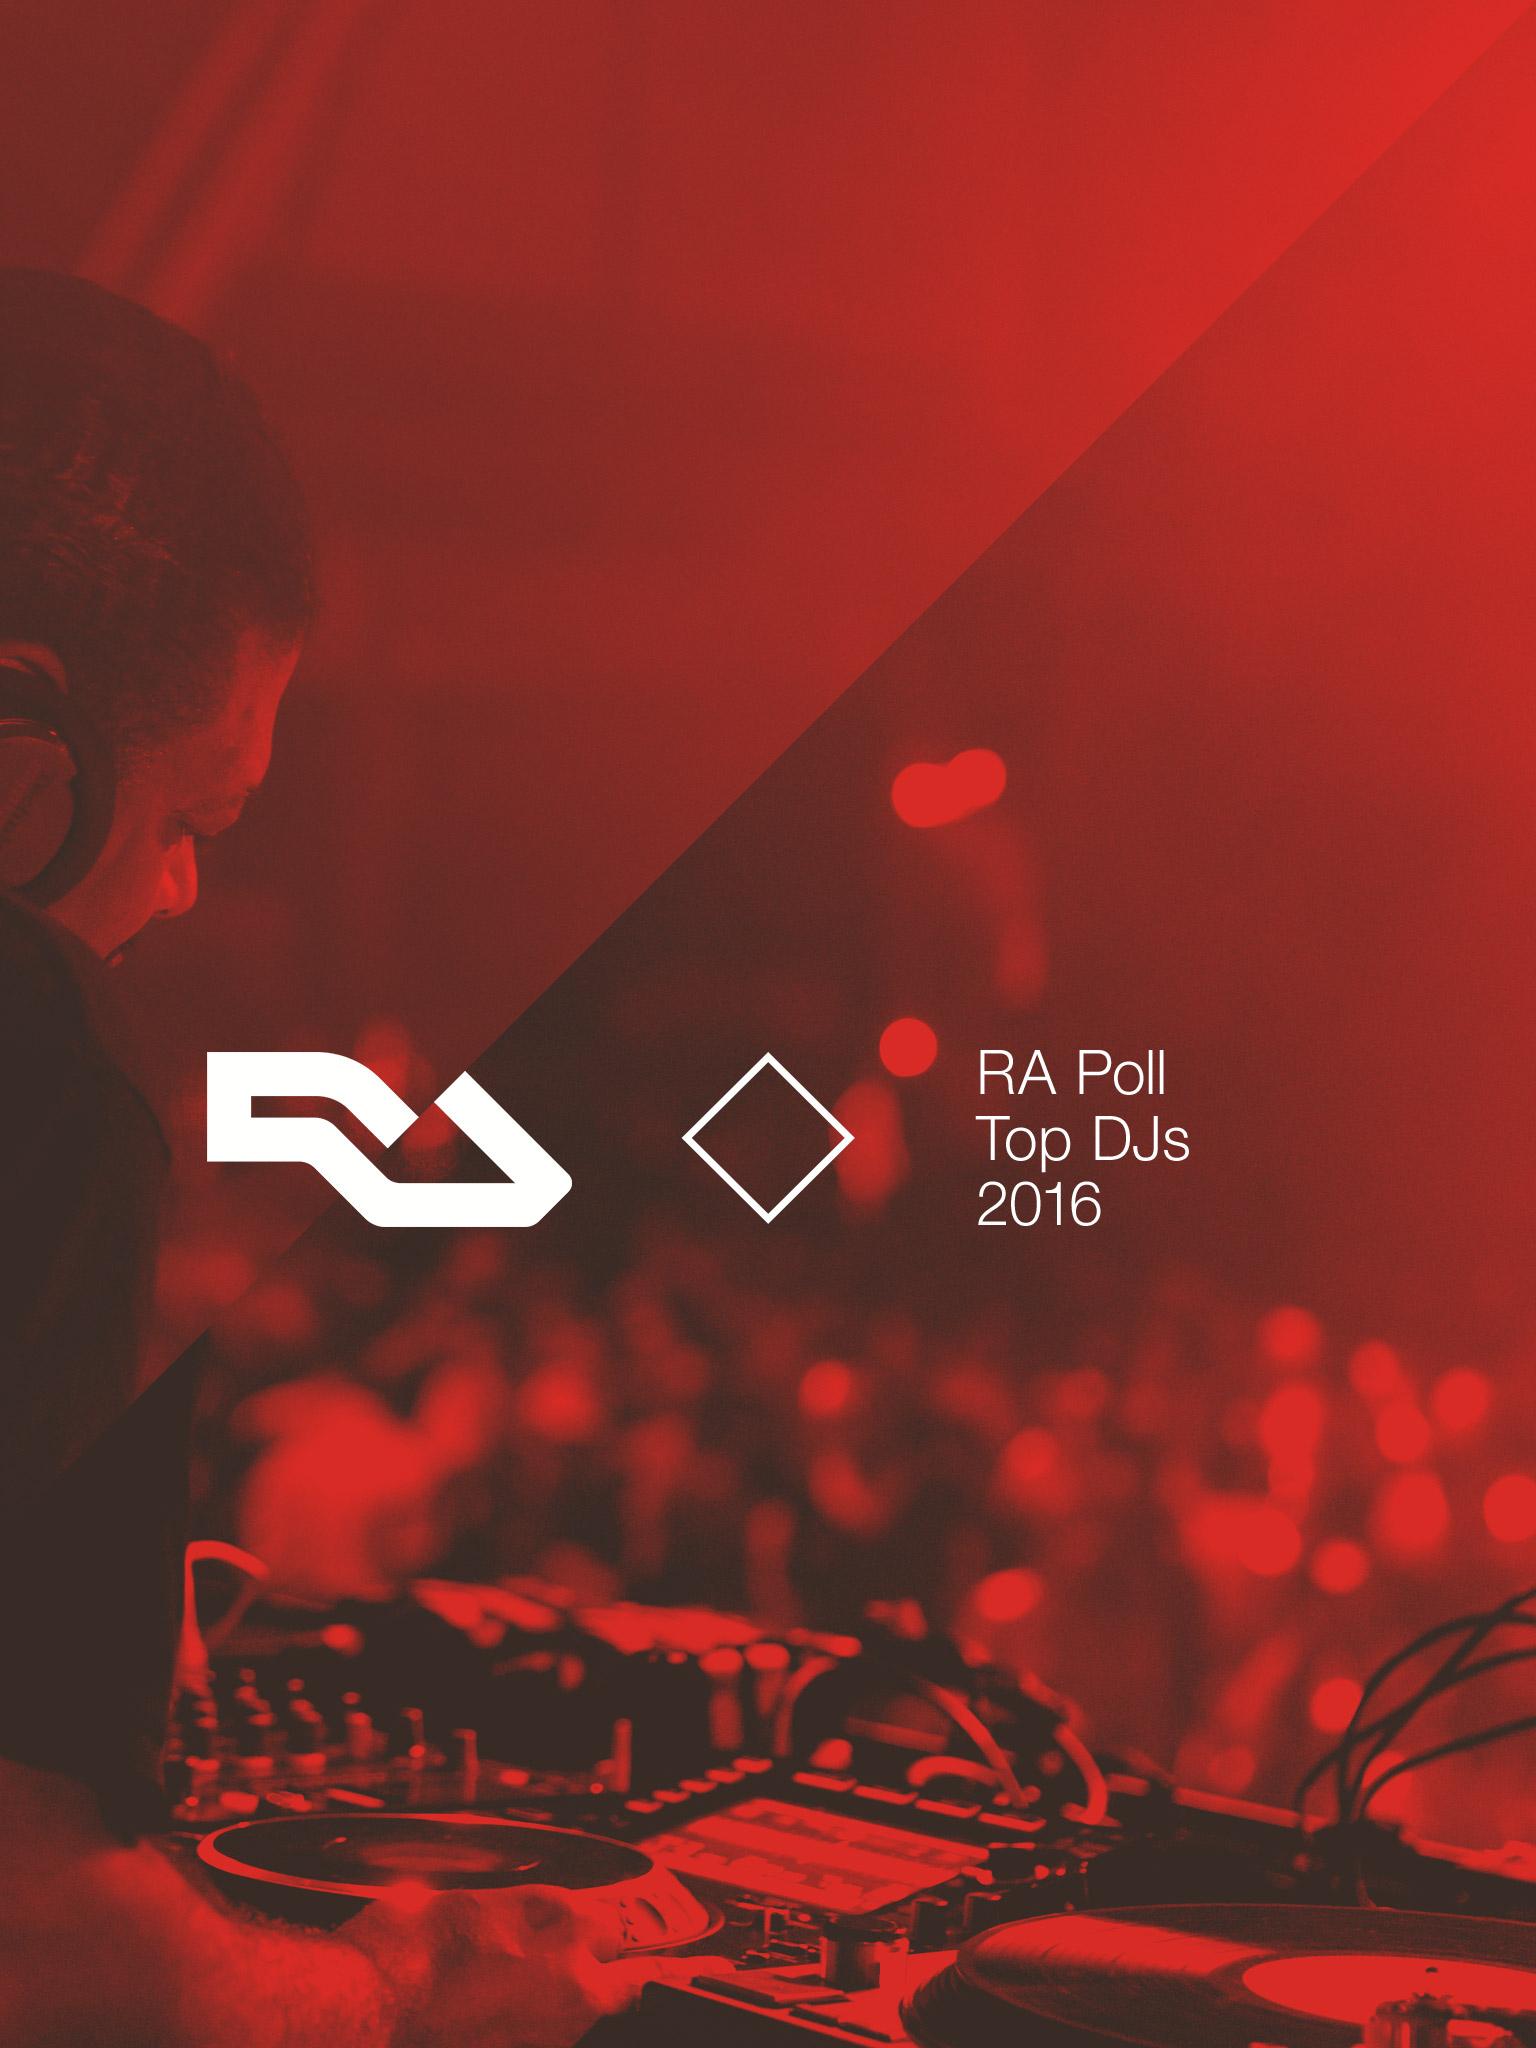 RA Poll: Top DJs of 2016